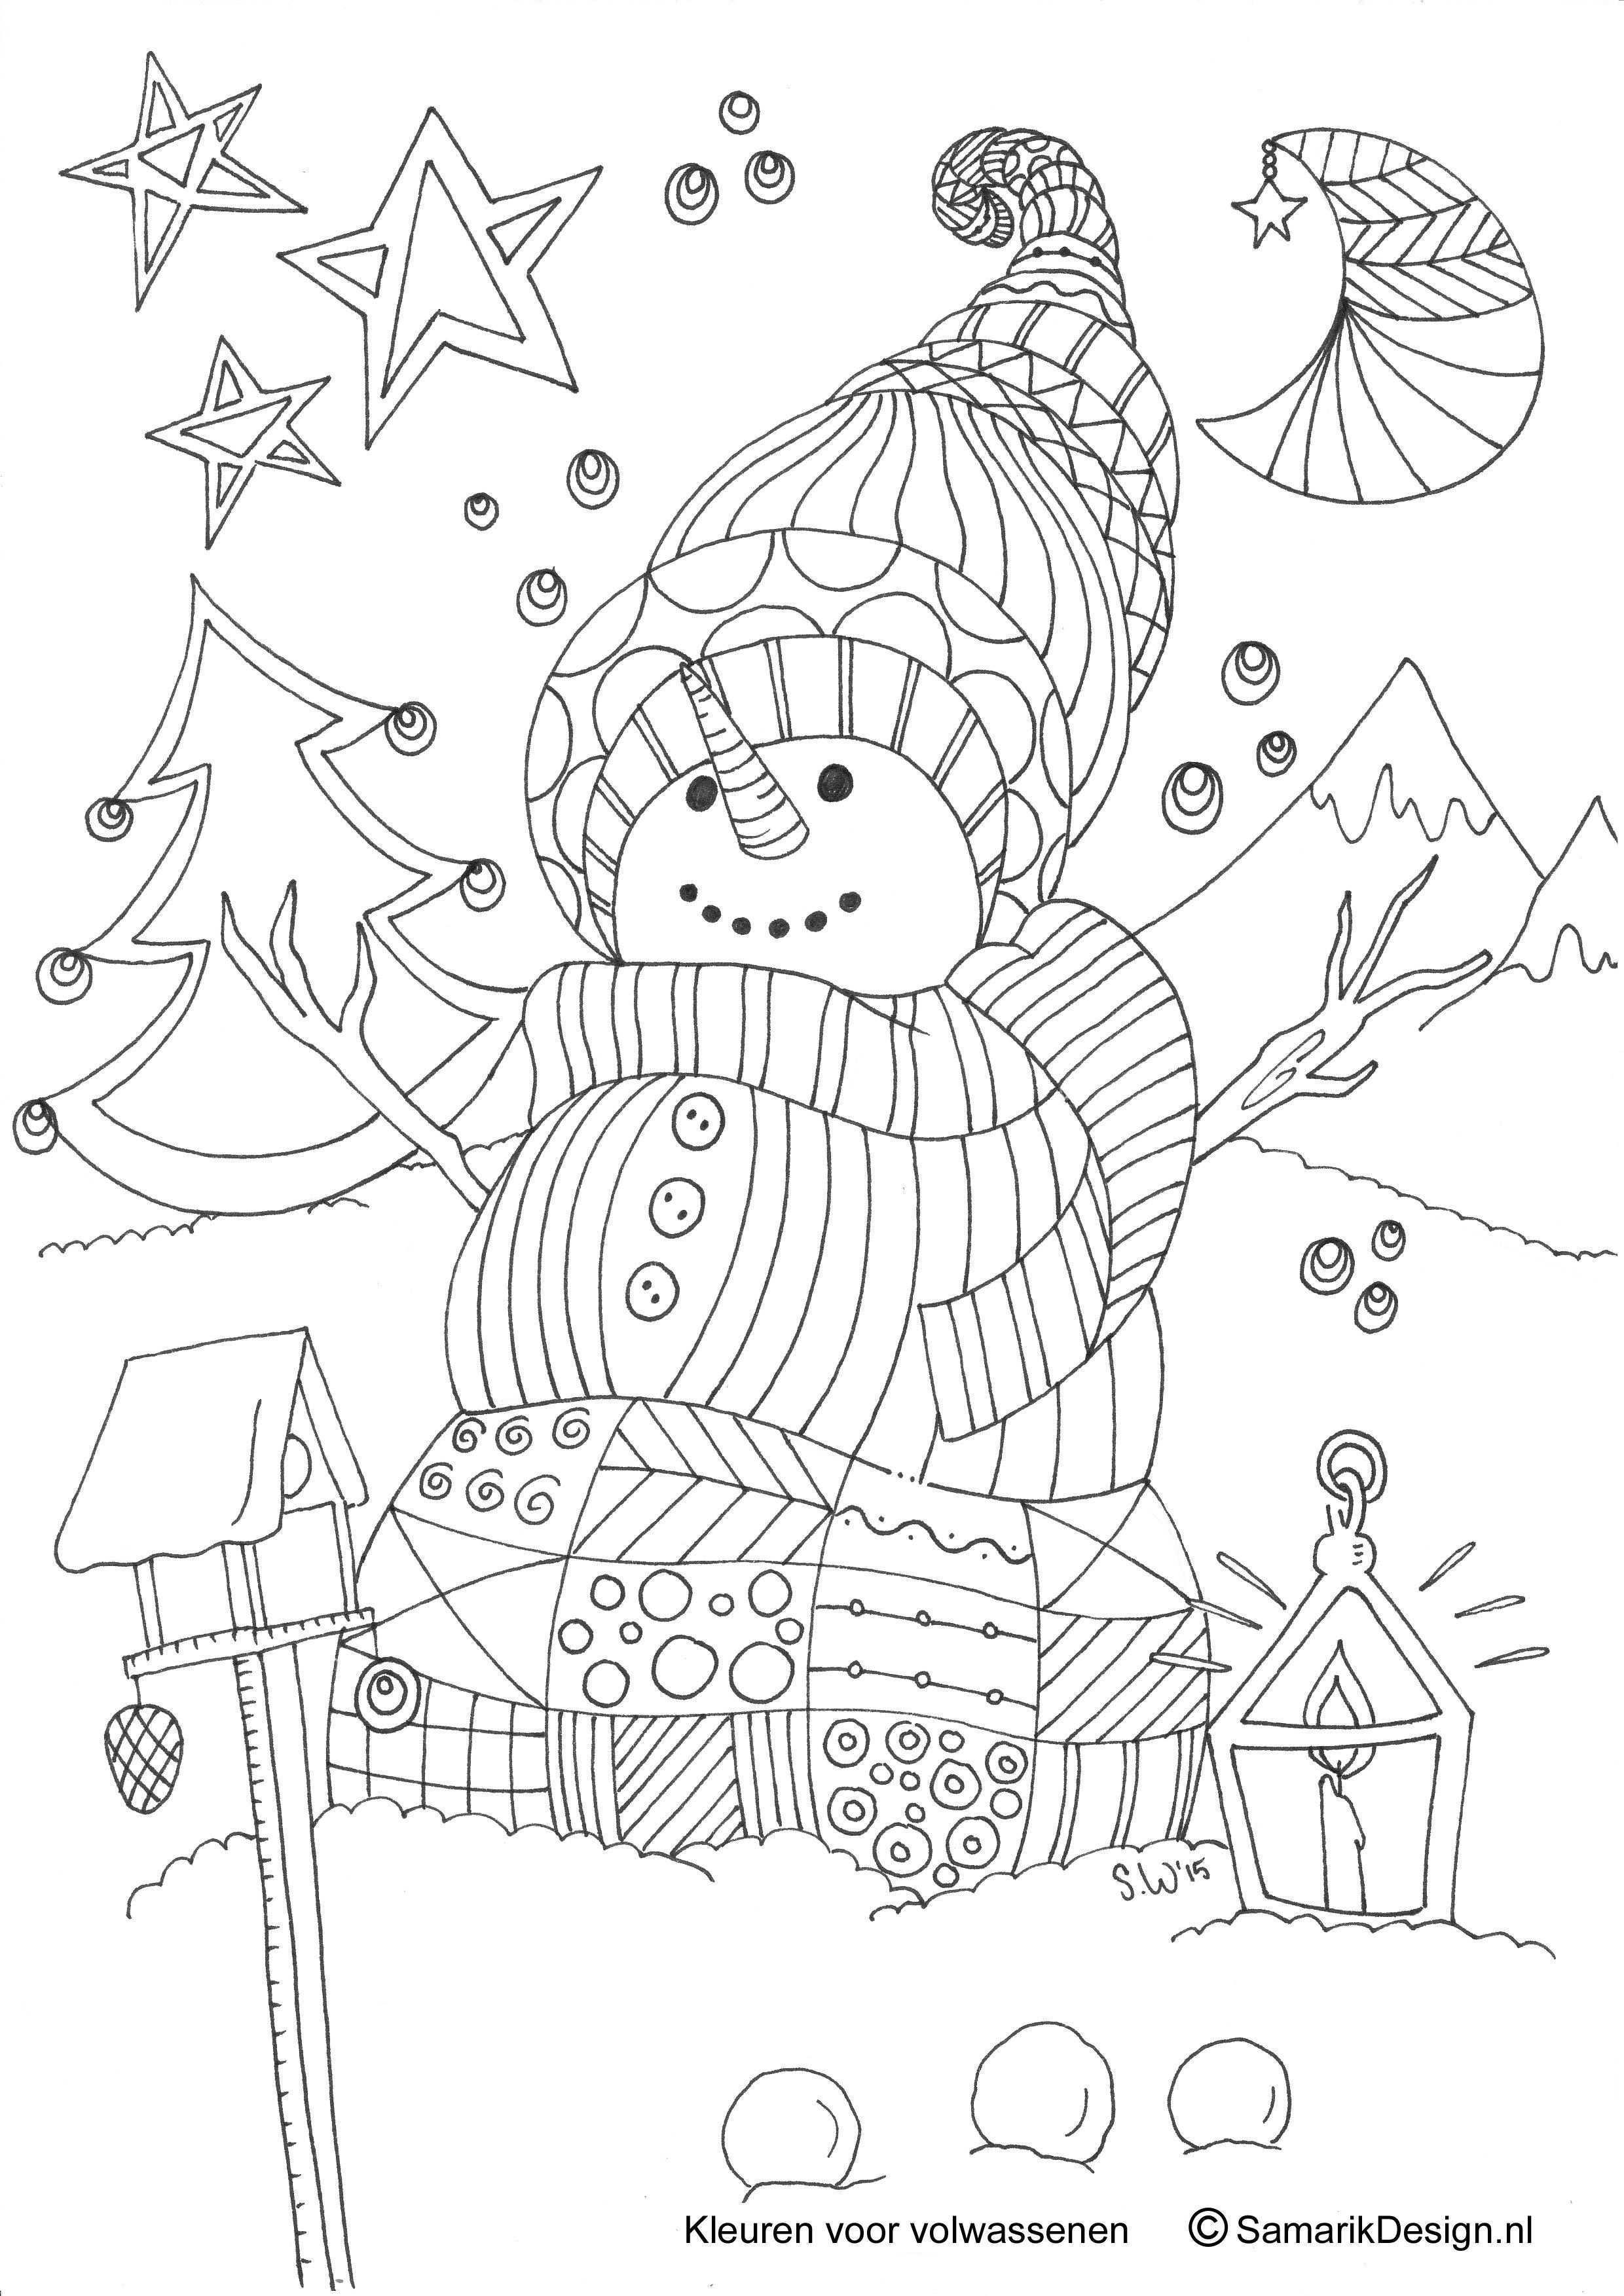 Kleurplaat Voor Volwassenen Winter Kleurplaten Kleurplaten Voor Volwassenen Knutselen Juffendag